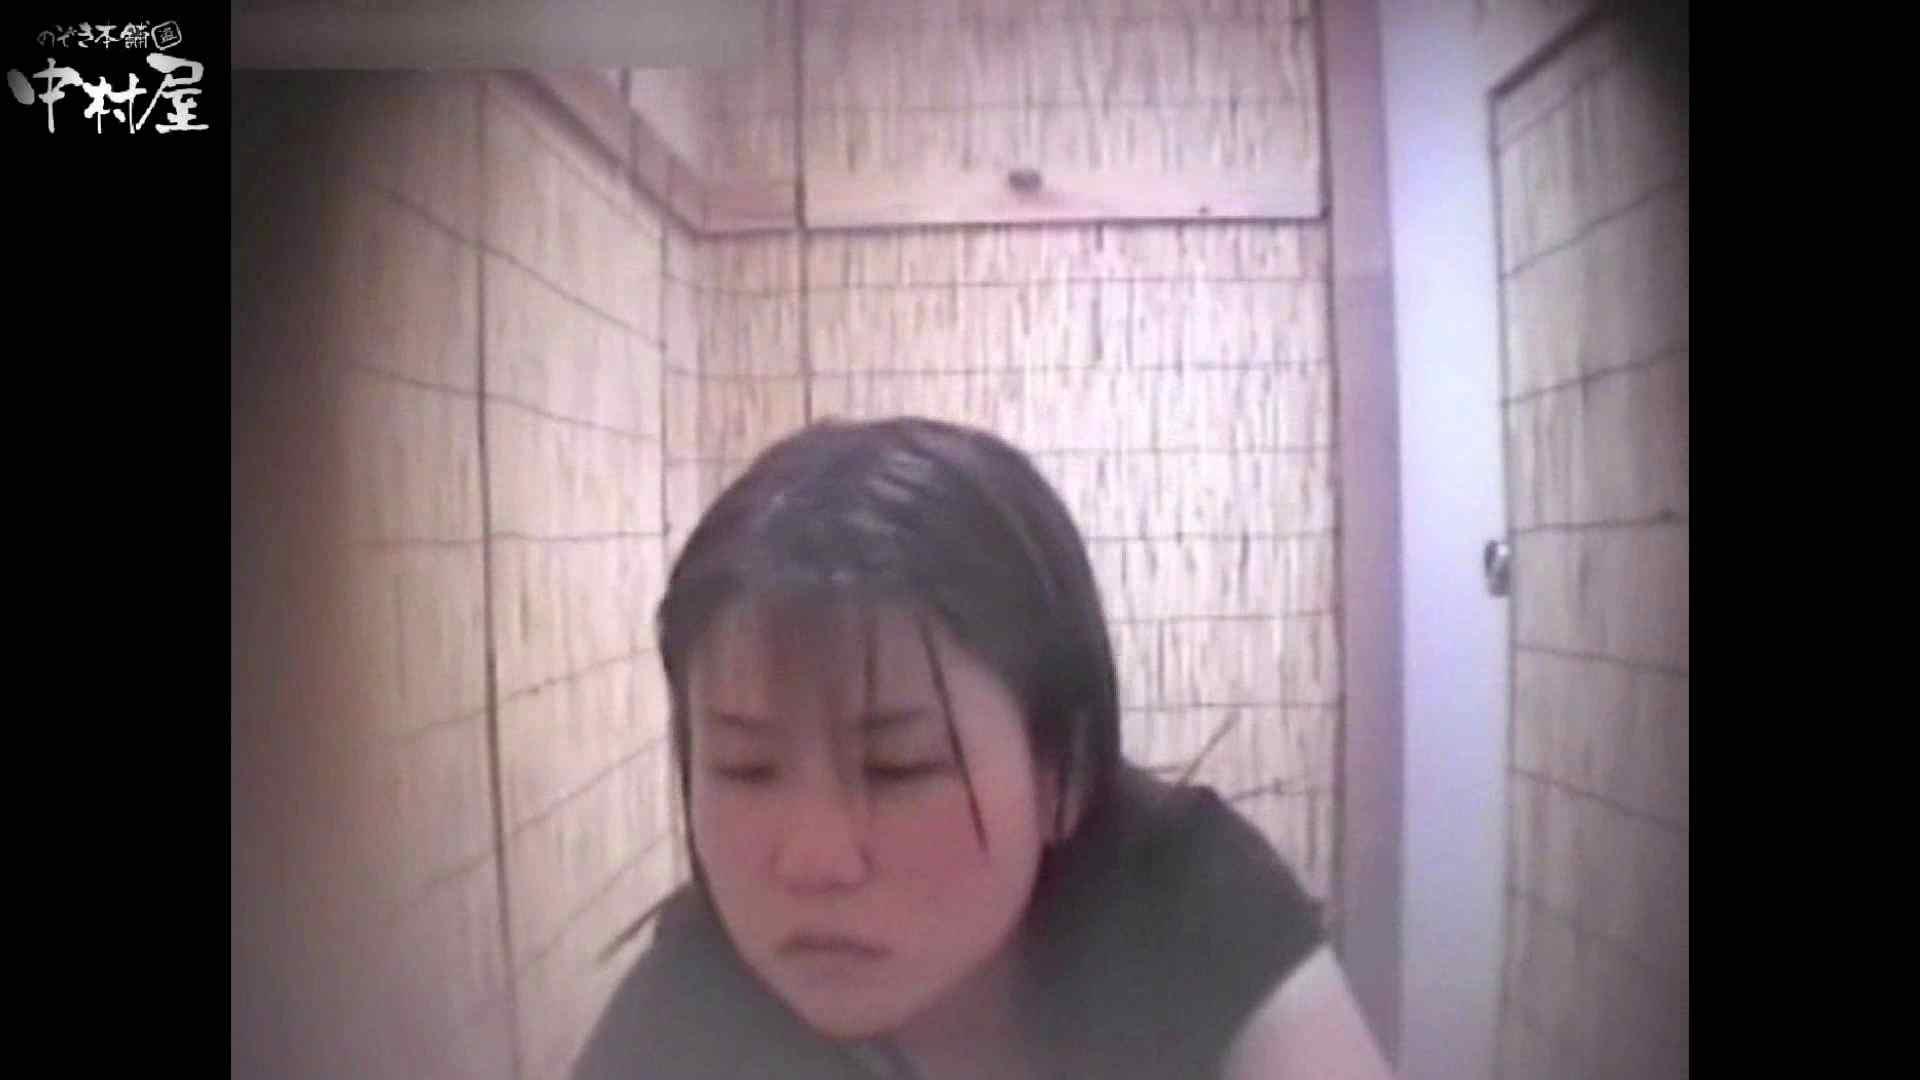 解禁!海の家4カメ洗面所vol.67 ギャルのエロ動画  83PIX 72